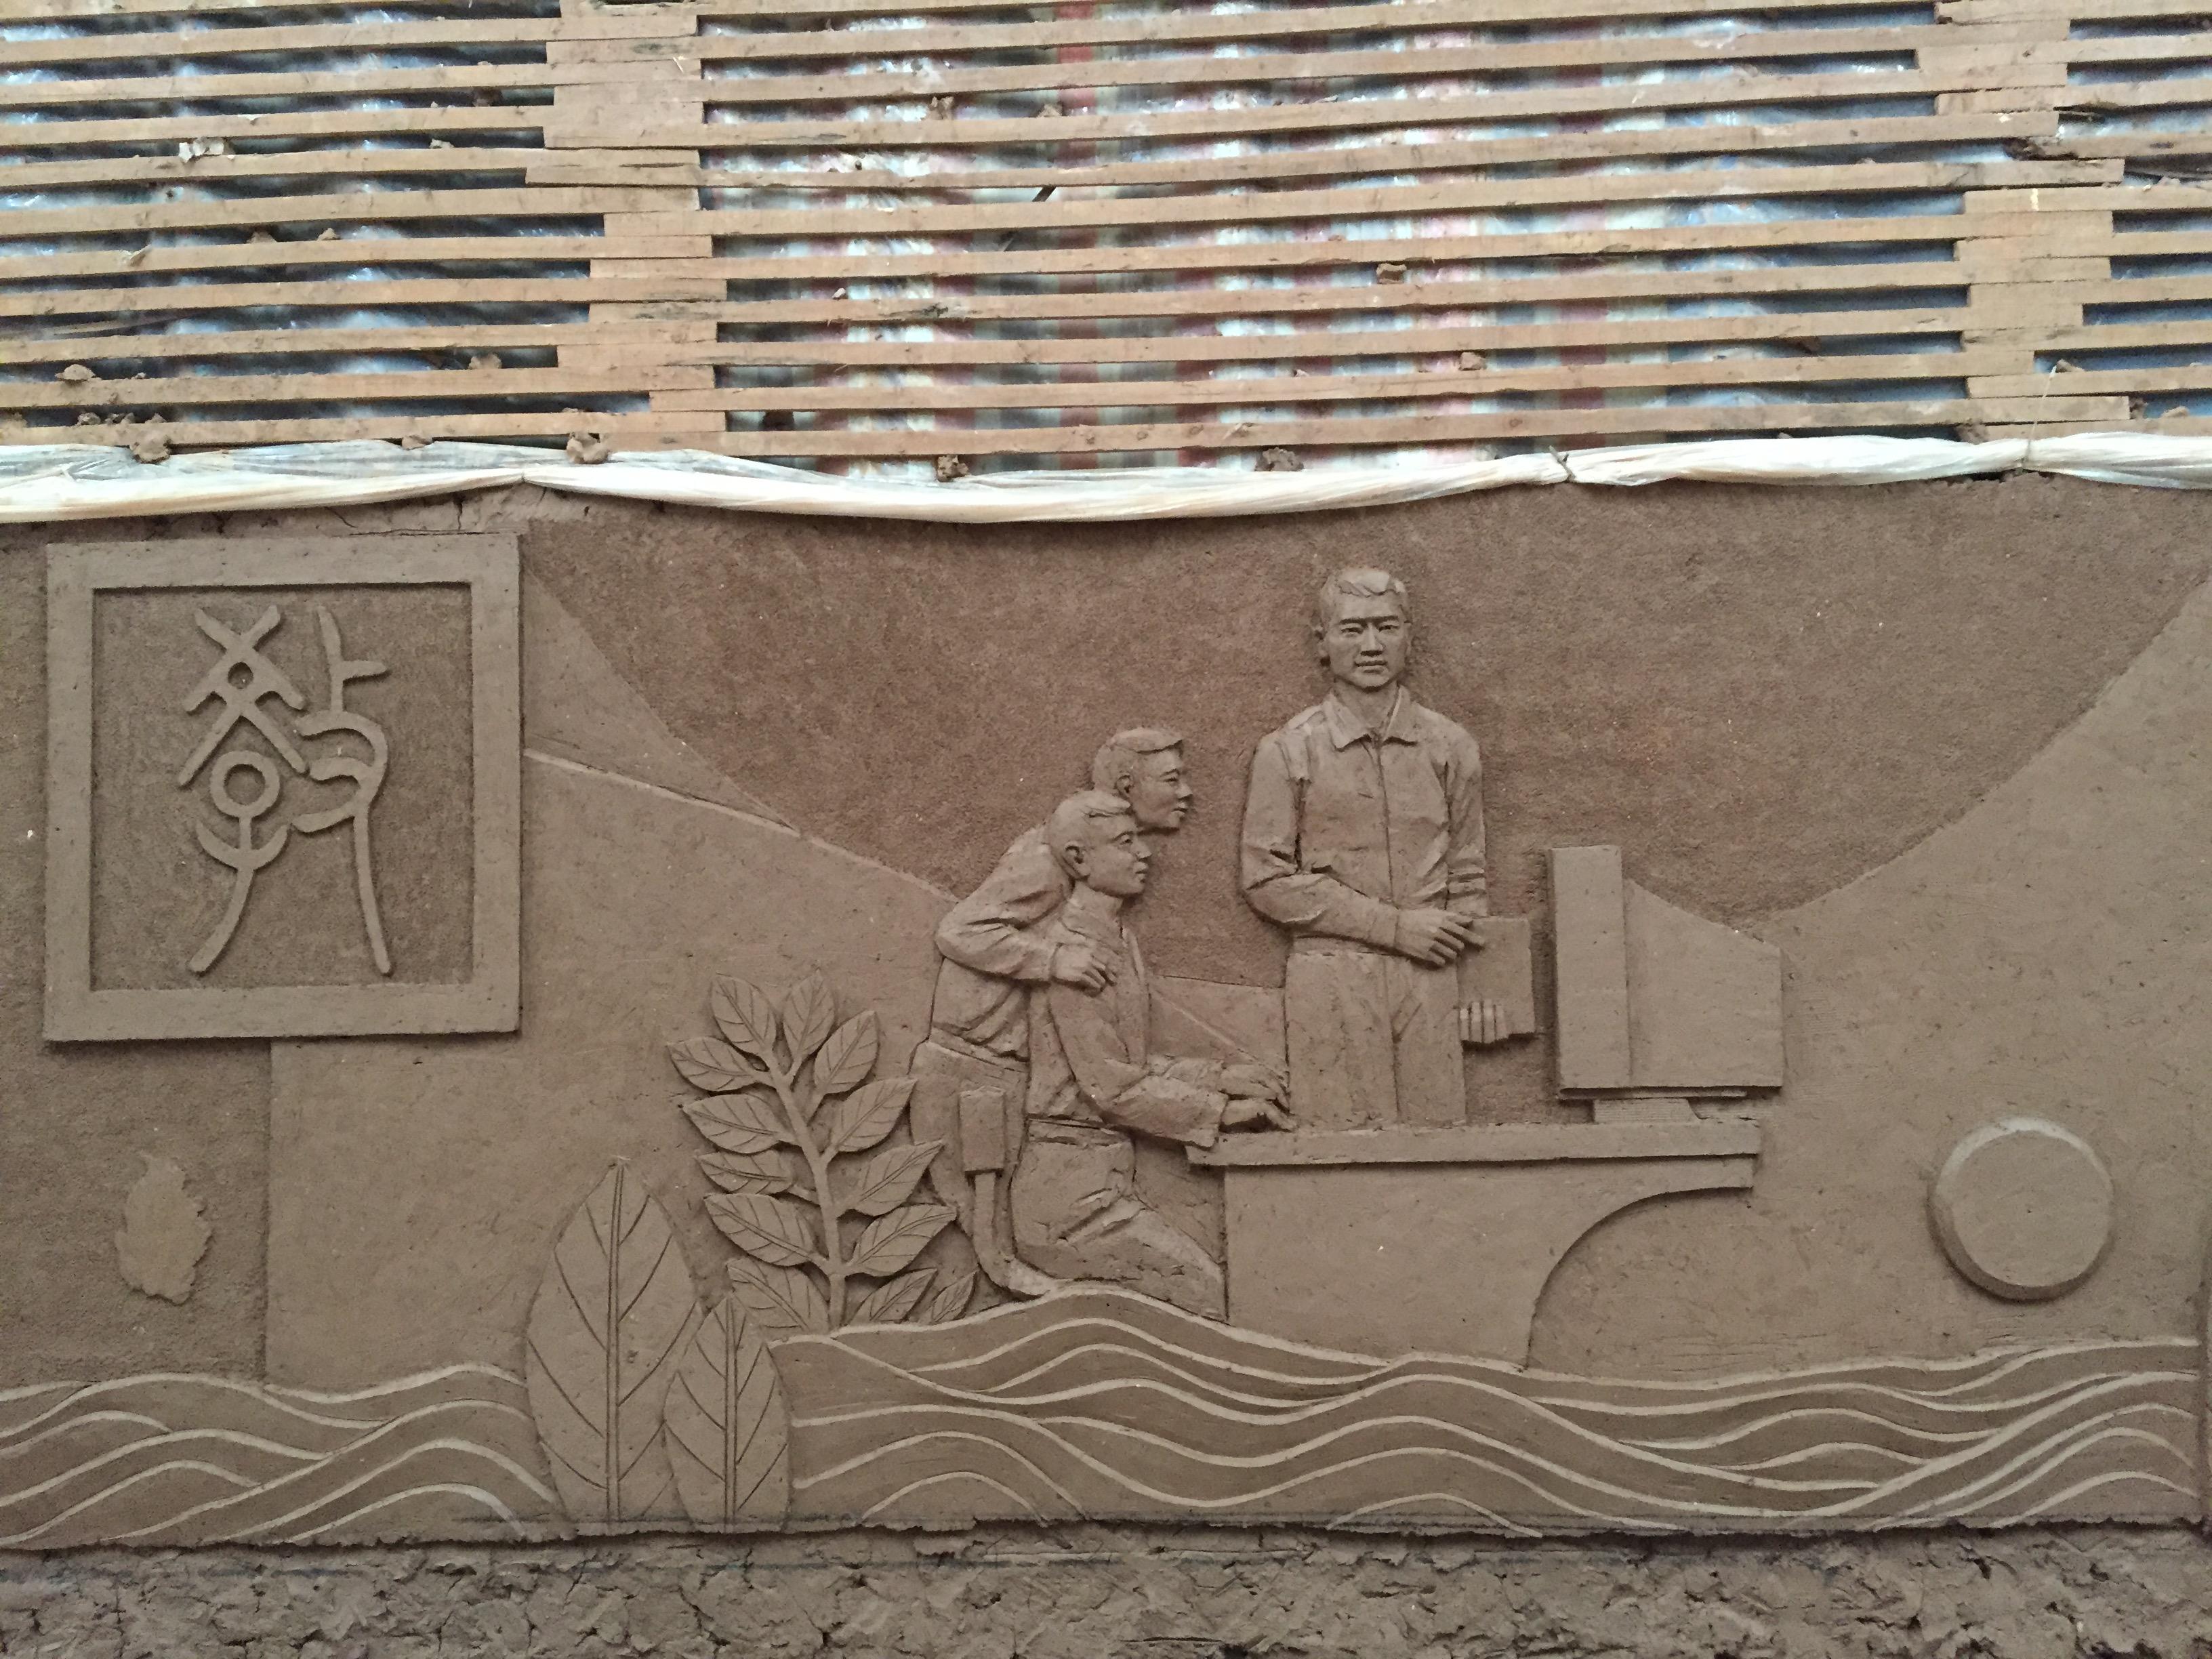 重庆雕塑_重庆景观雕塑_重庆校园雕塑-鹿鸣雕塑设计